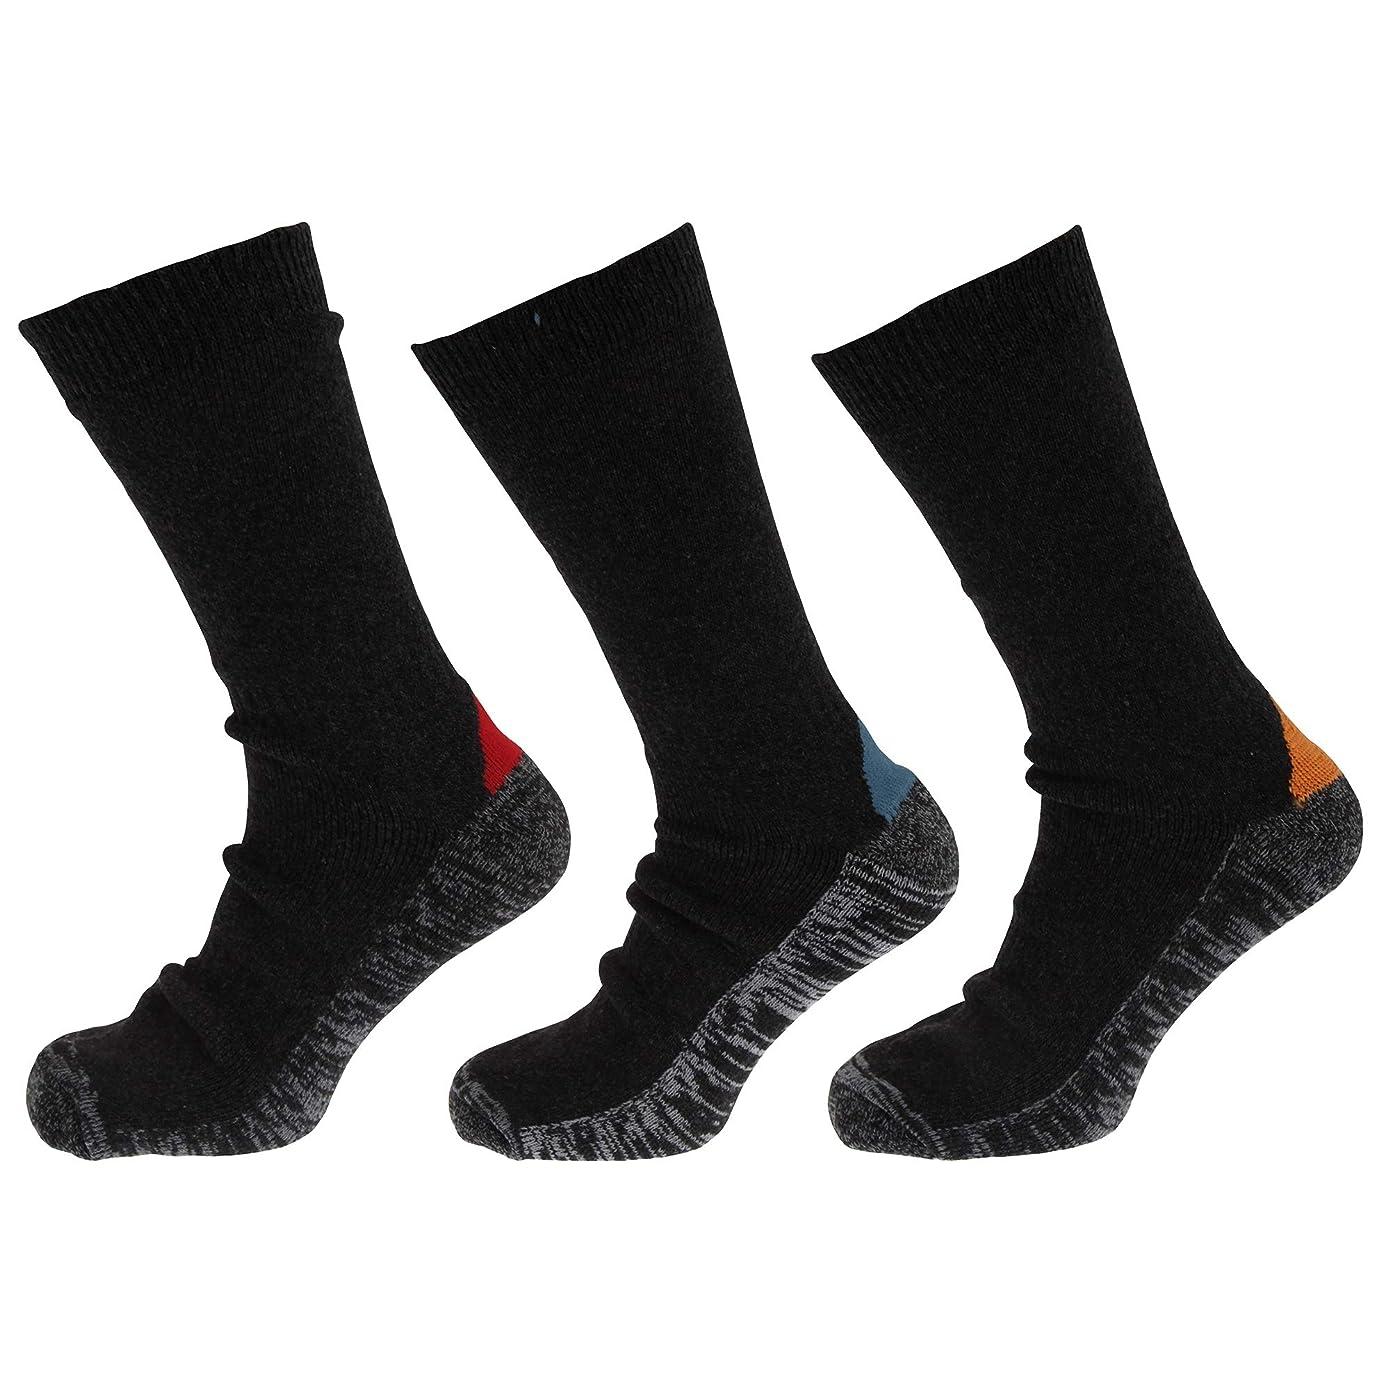 バッジおいしい宿メンズ ウール混 実用 ワークソックス 作業用靴下 ワークウェア 靴下セット 紳士用靴下 (3足組)